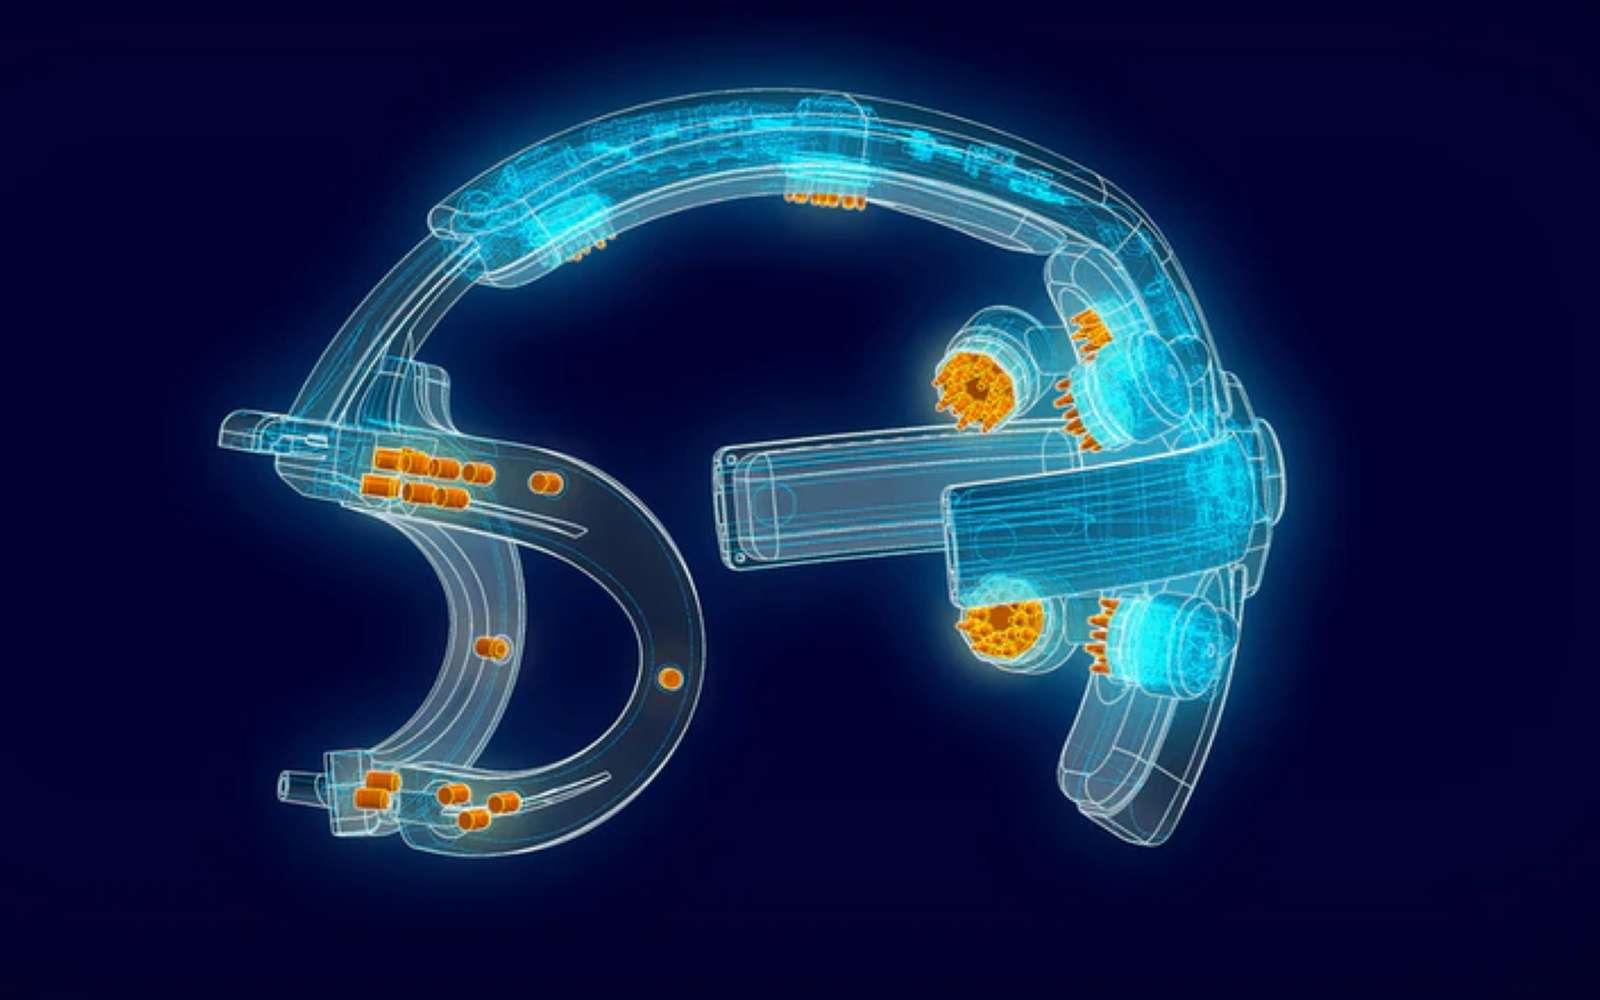 Patron de Valve, Gabe Newell est l'initiateur de Steam, la plus grande plateforme de jeux vidéo pour PC et l'un des pionniers de la VR pour le grand public. Avec OpenBCI, Valve compte réaliser un casque de VR doté d'une interface cerveau-machine. © OpenBCI